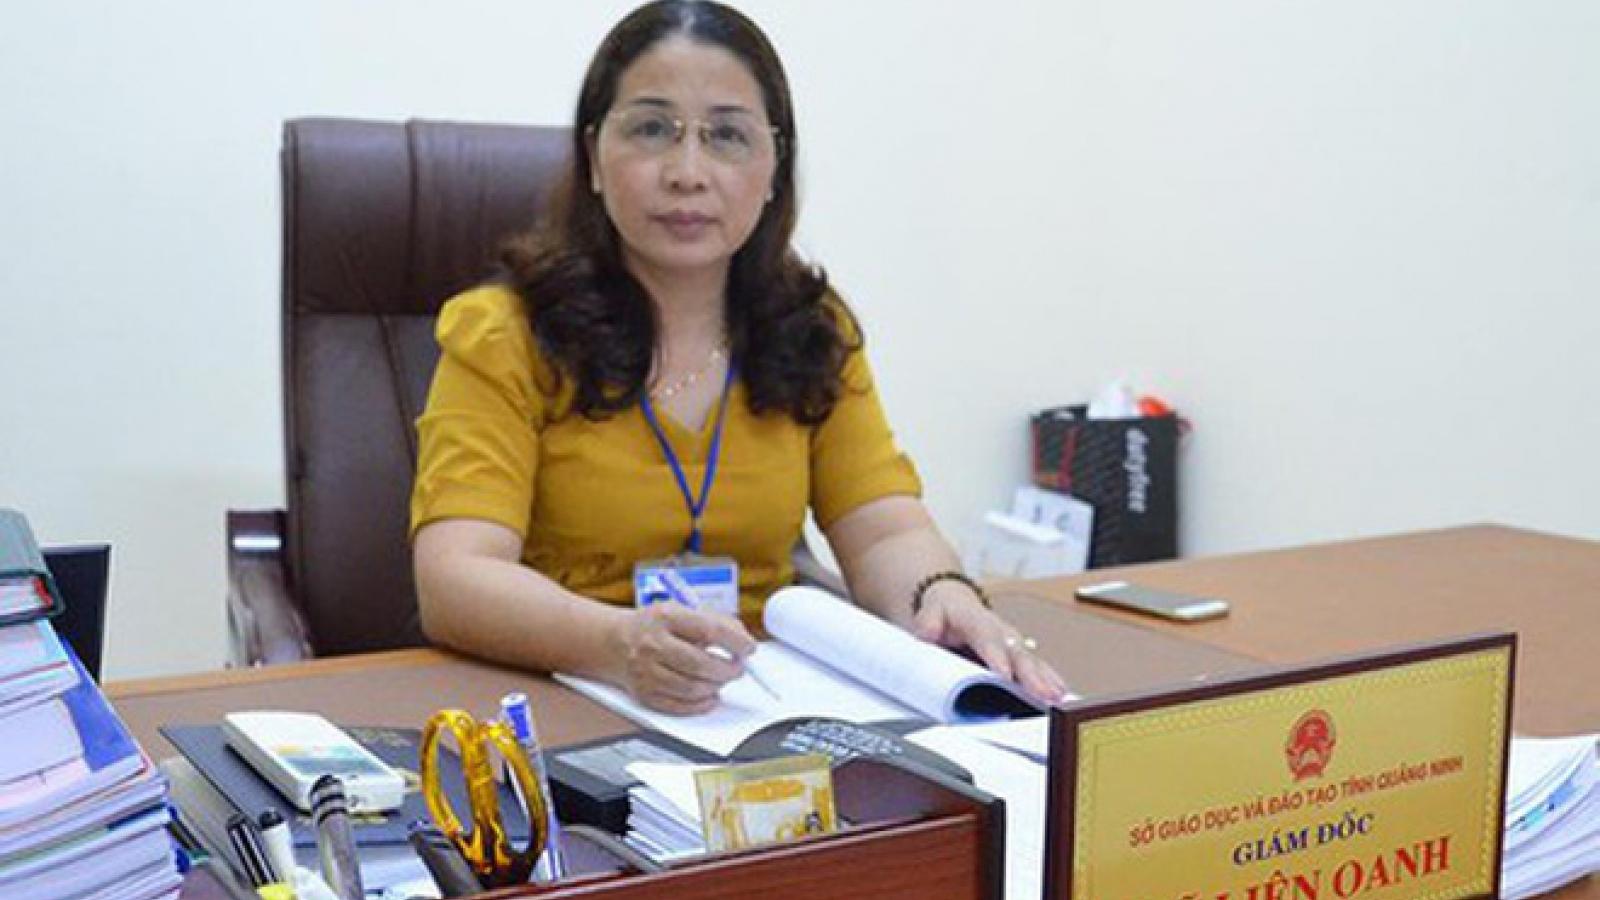 Bắt cựu giám đốc Sở GD-ĐT Quảng Ninh cùng nhiều đồng phạm